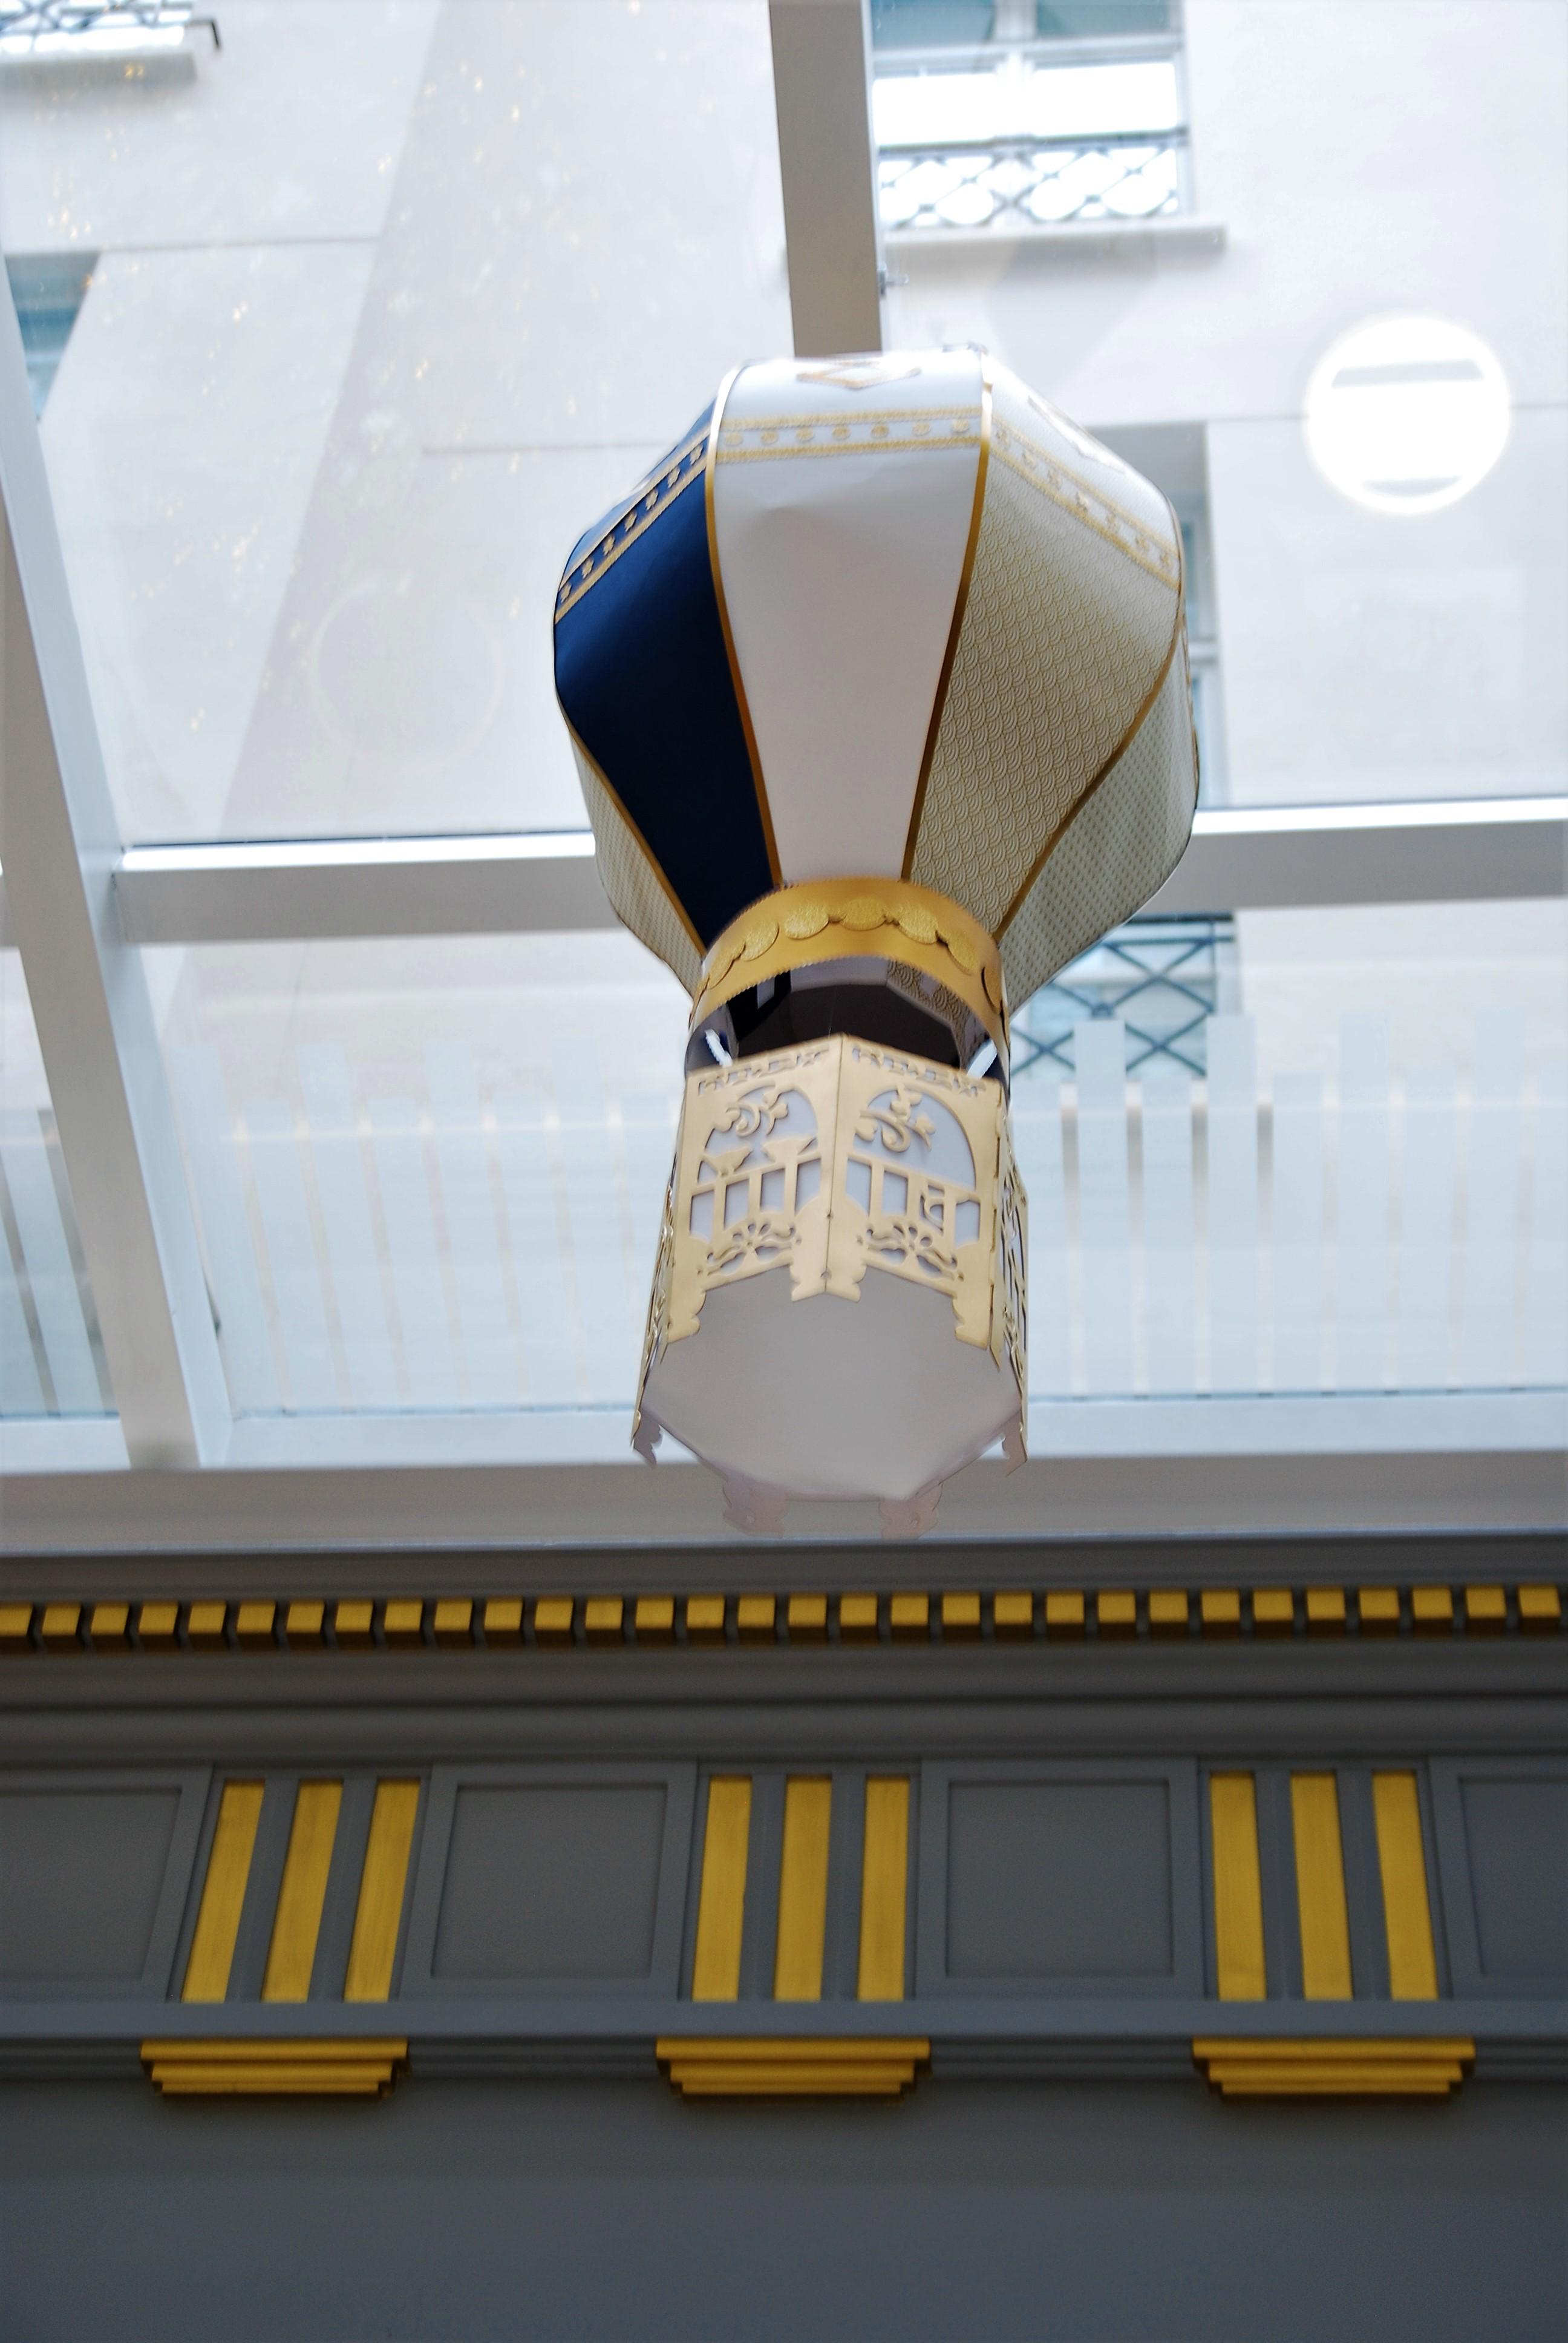 scenographie-installation-aerienne-giant-balloon-montgolfiere-paper-art-creation-pour-hotel-sofitel-paris-le-faubourg-noel-2018-Laure-Devenelle